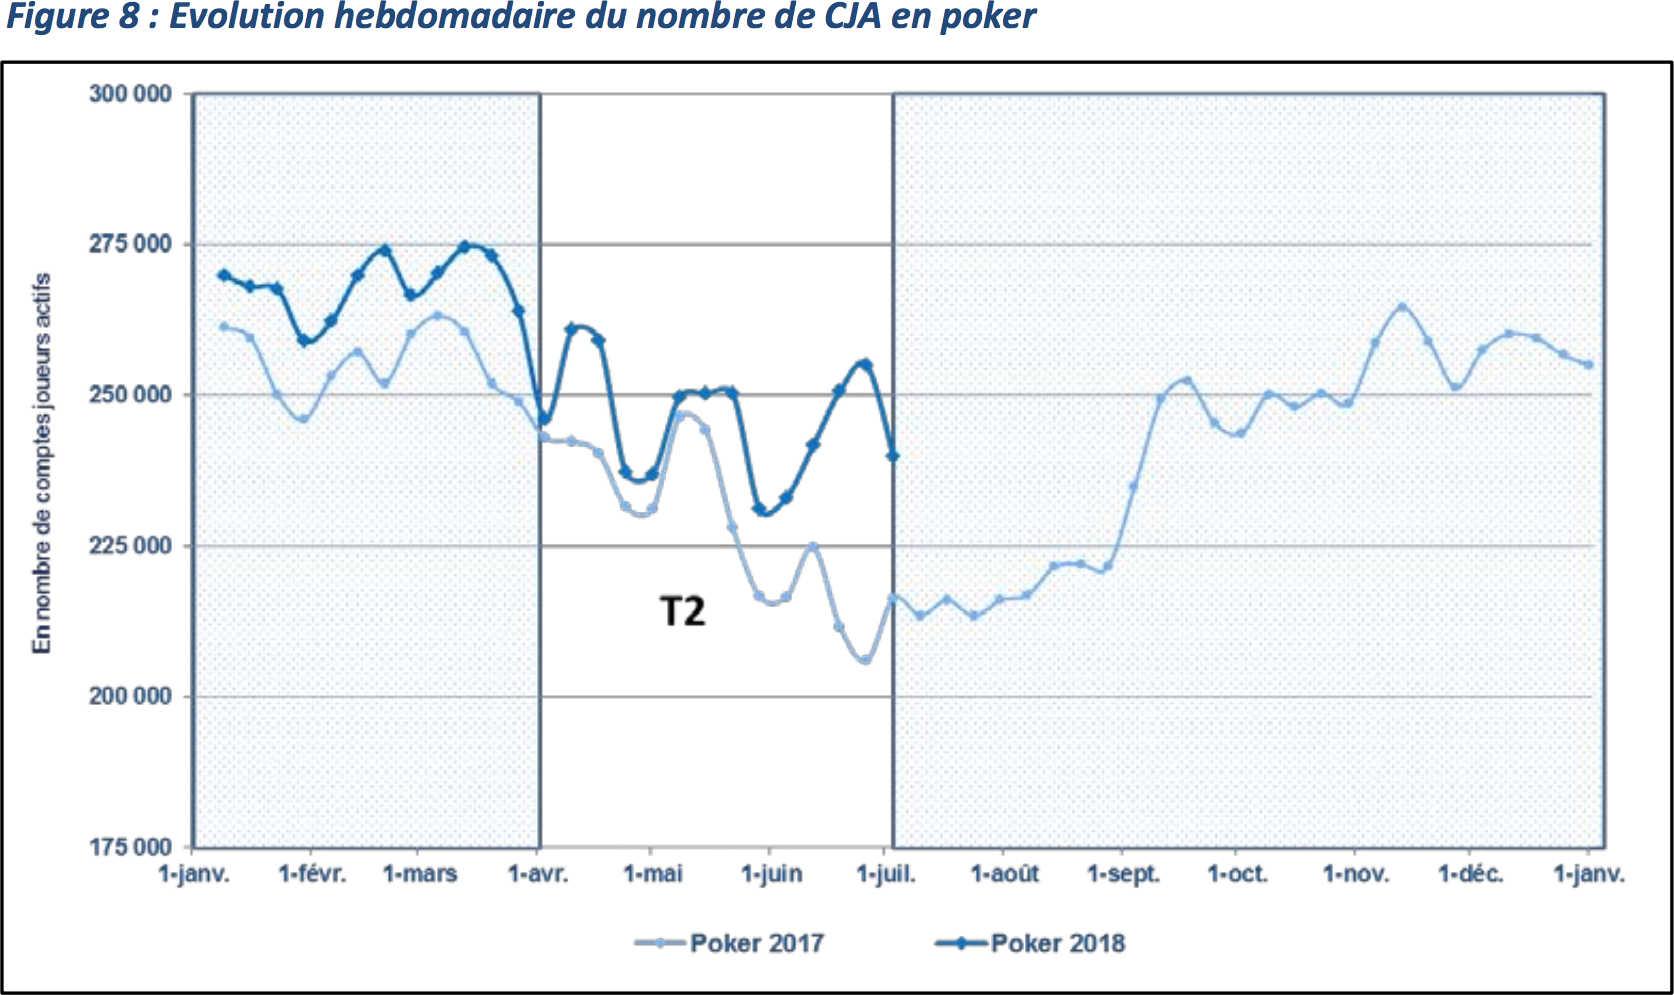 Evolution hebdomadaire du nombre de comptes joueurs actifs en poker en 2018